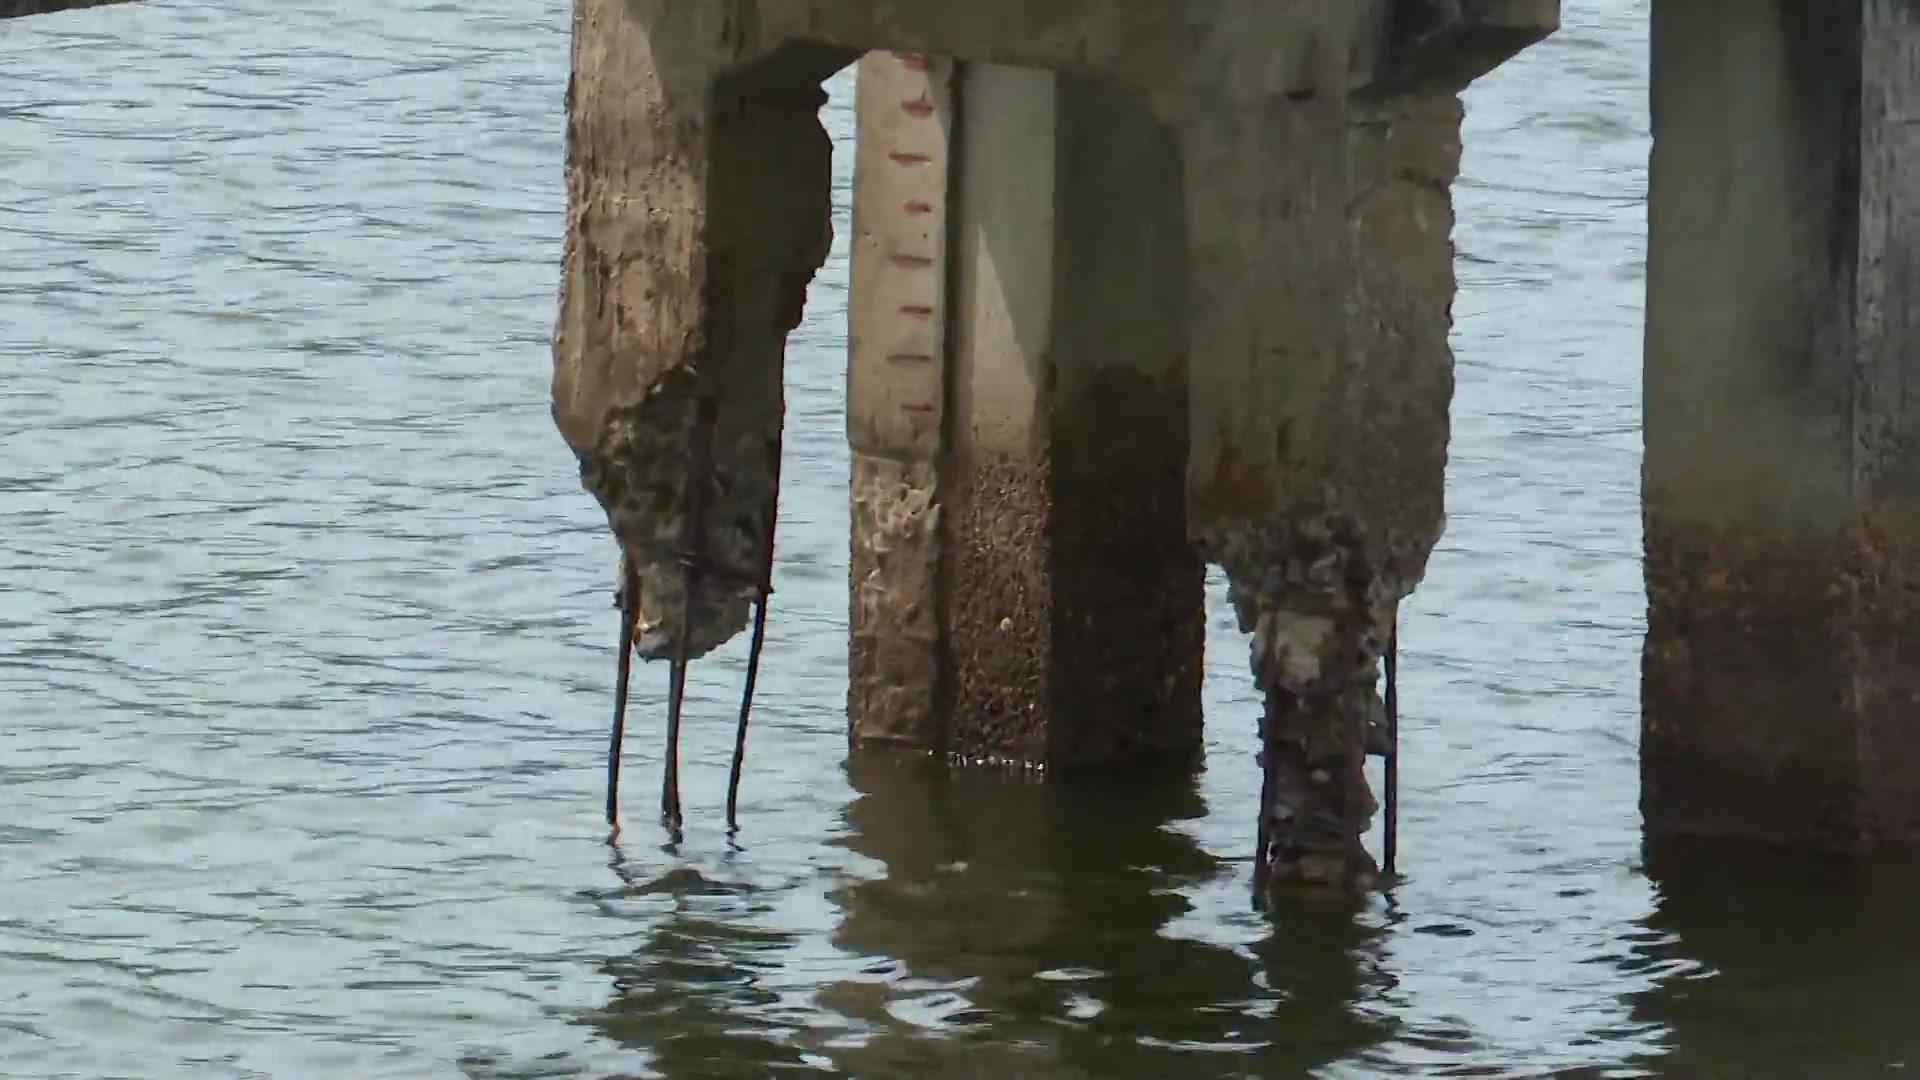 Quảng Bình: Nhiều công trình thủy lợi hư hỏng, chờ khắc phục